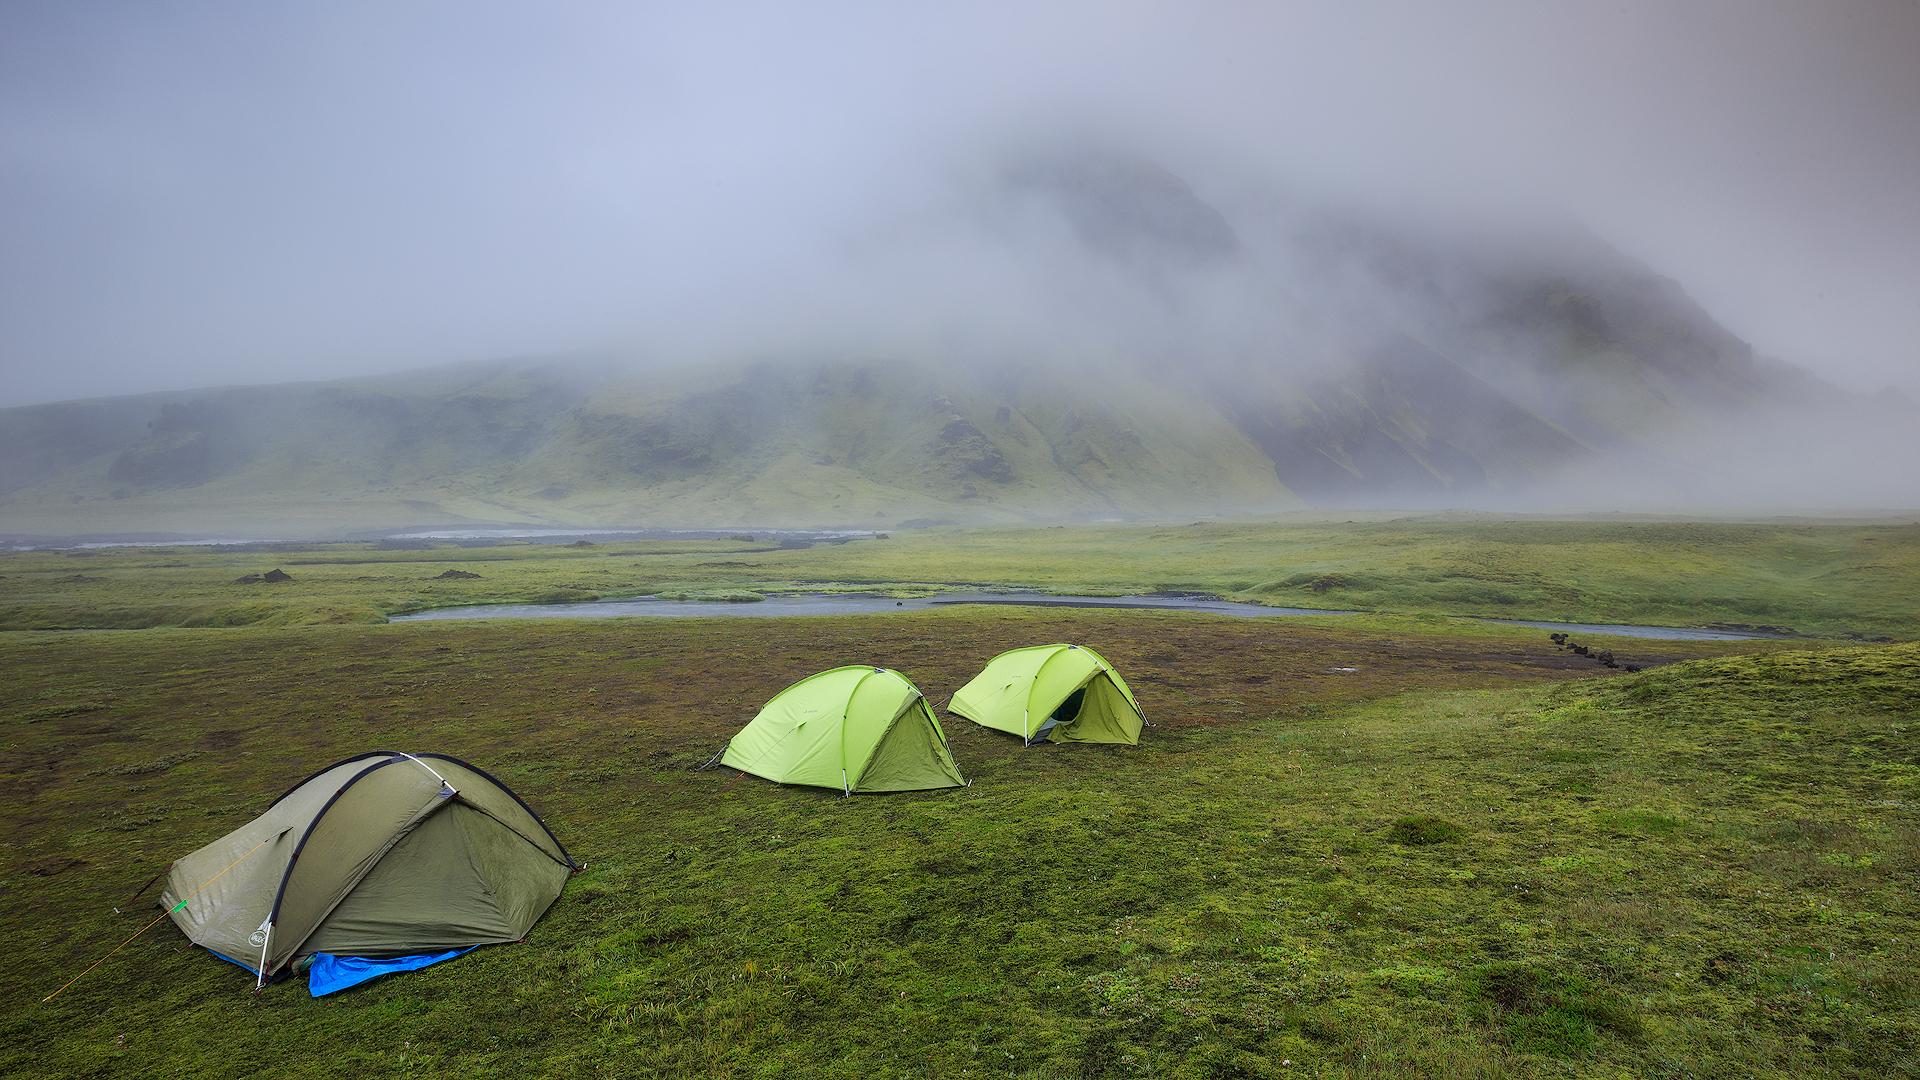 Onze kampeerplaats